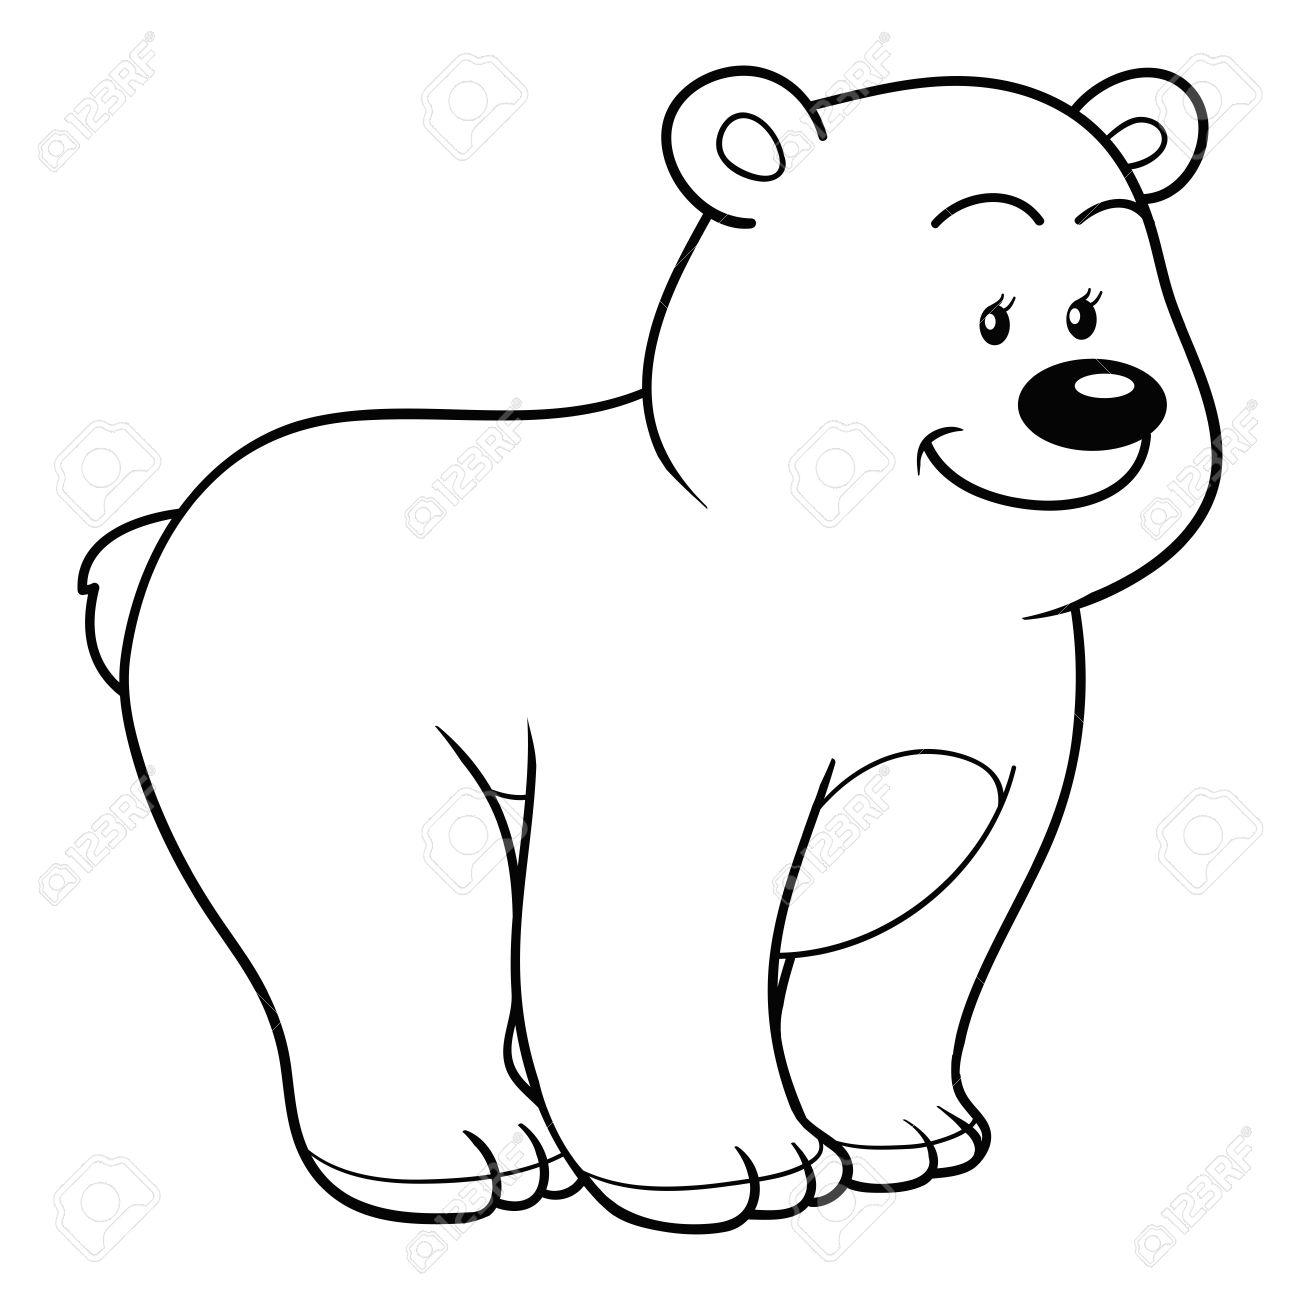 Dibujos De Osos Para Colorear. Affordable De Oso Polar Para Colorear ...